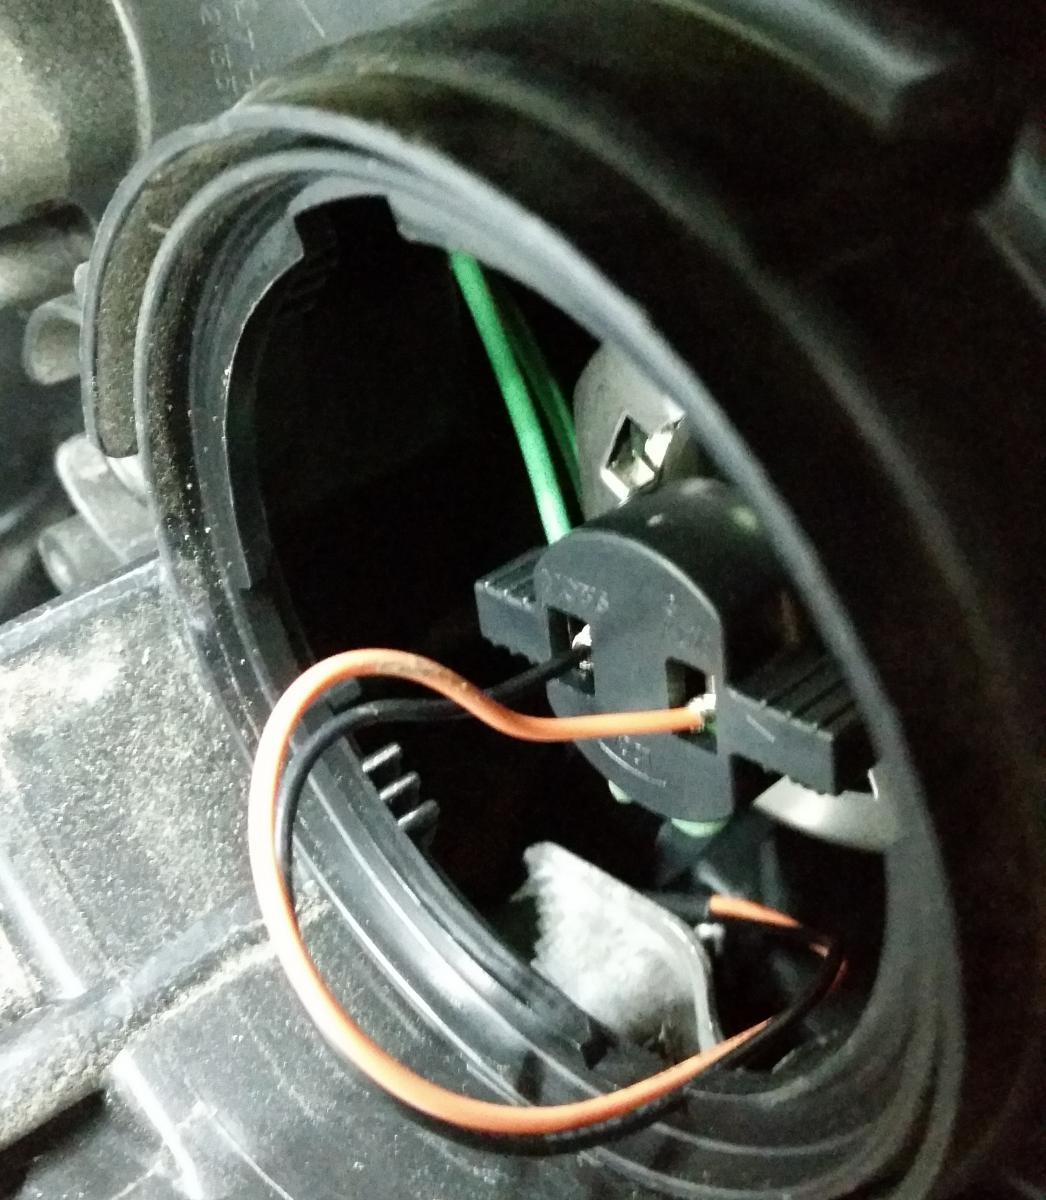 DIY - Positioning Lights as DRLs-power-hb.jpg